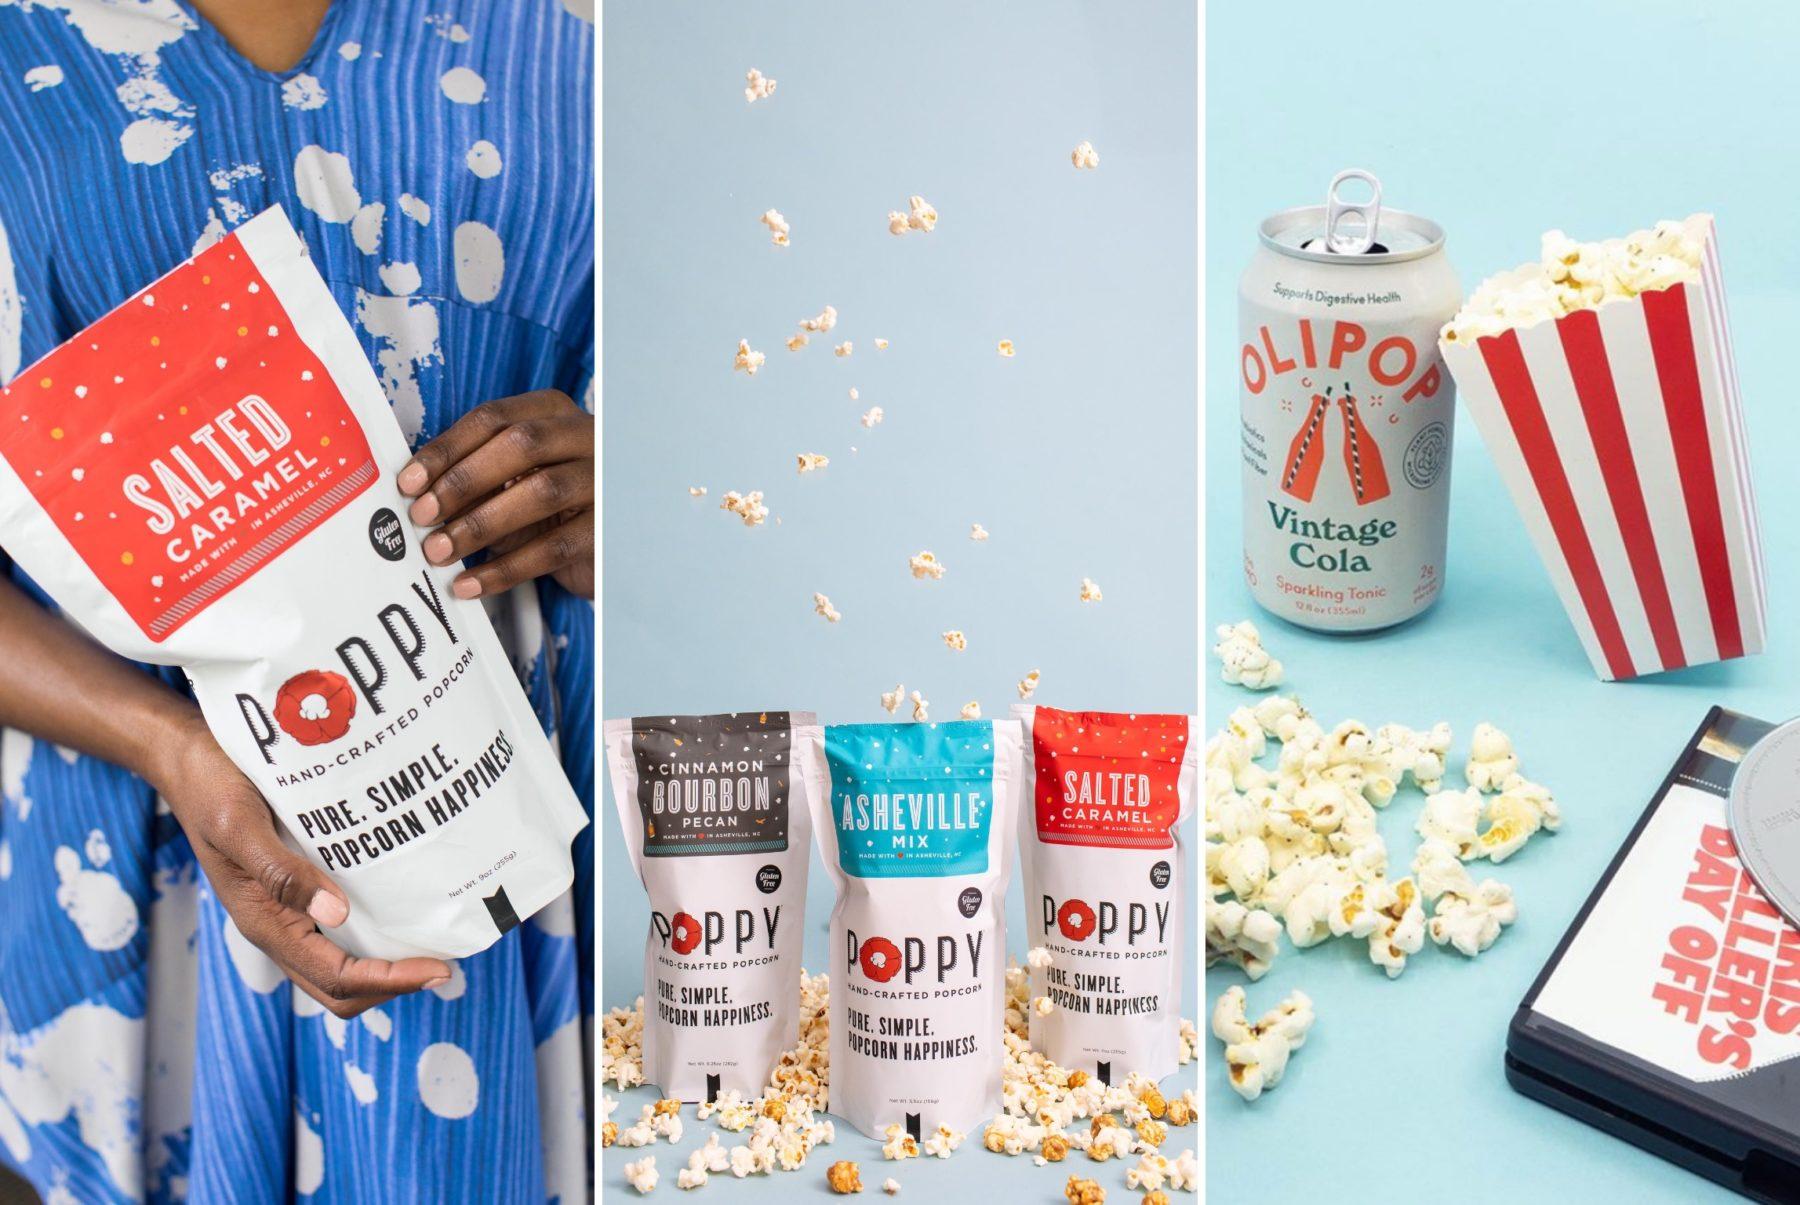 Poppy popcorn